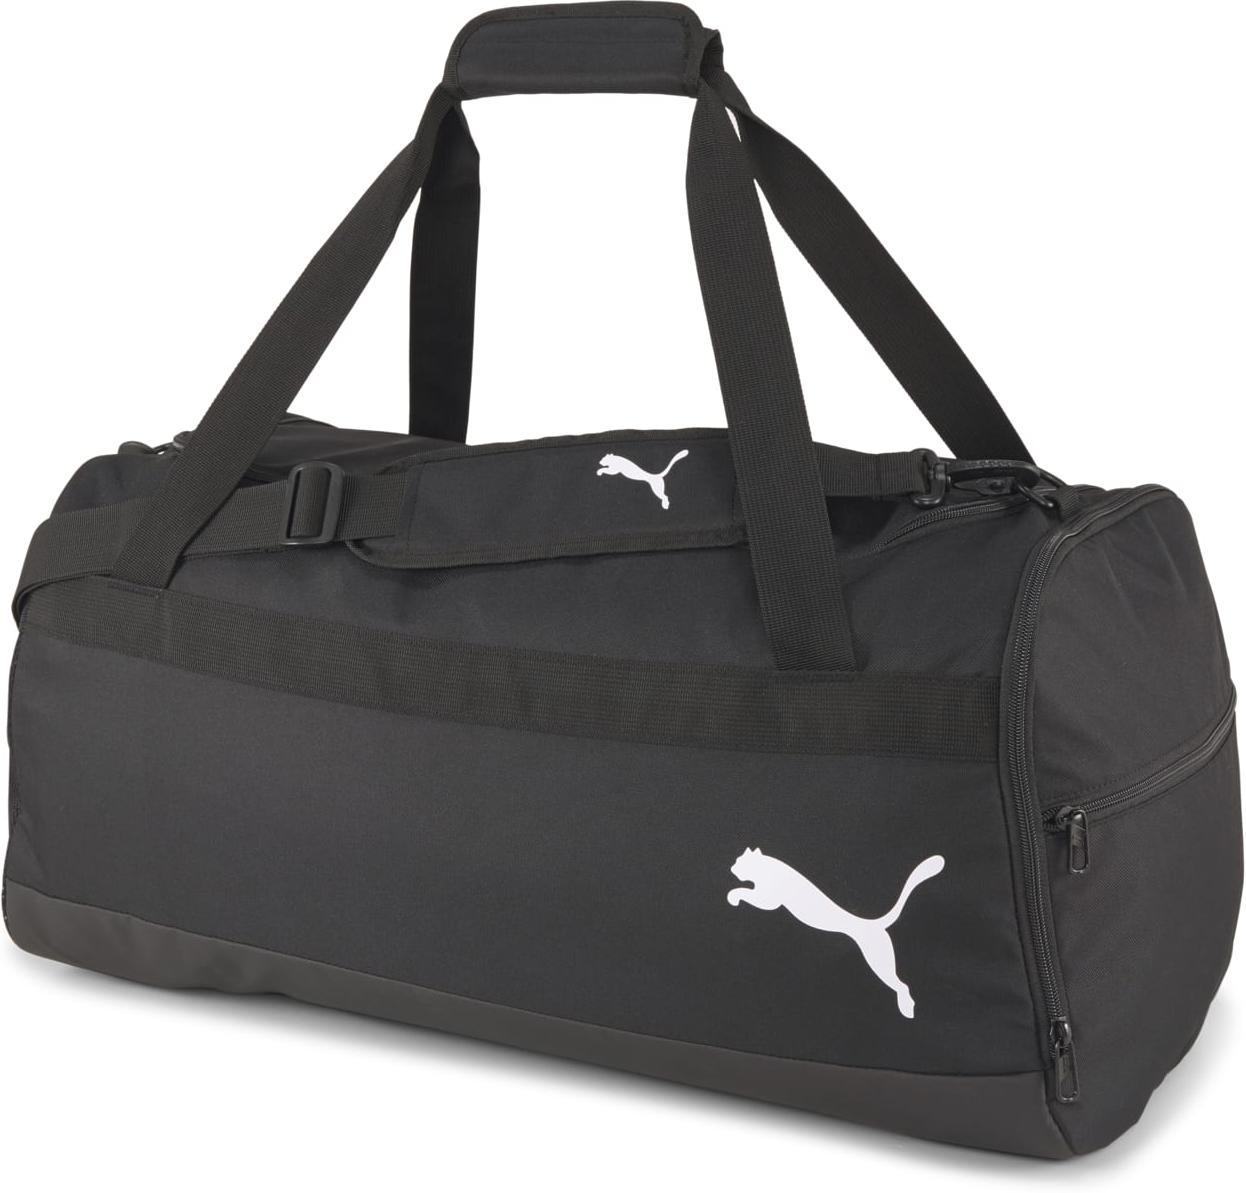 Bolsa Puma teamGOAL 23 Teambag M Black